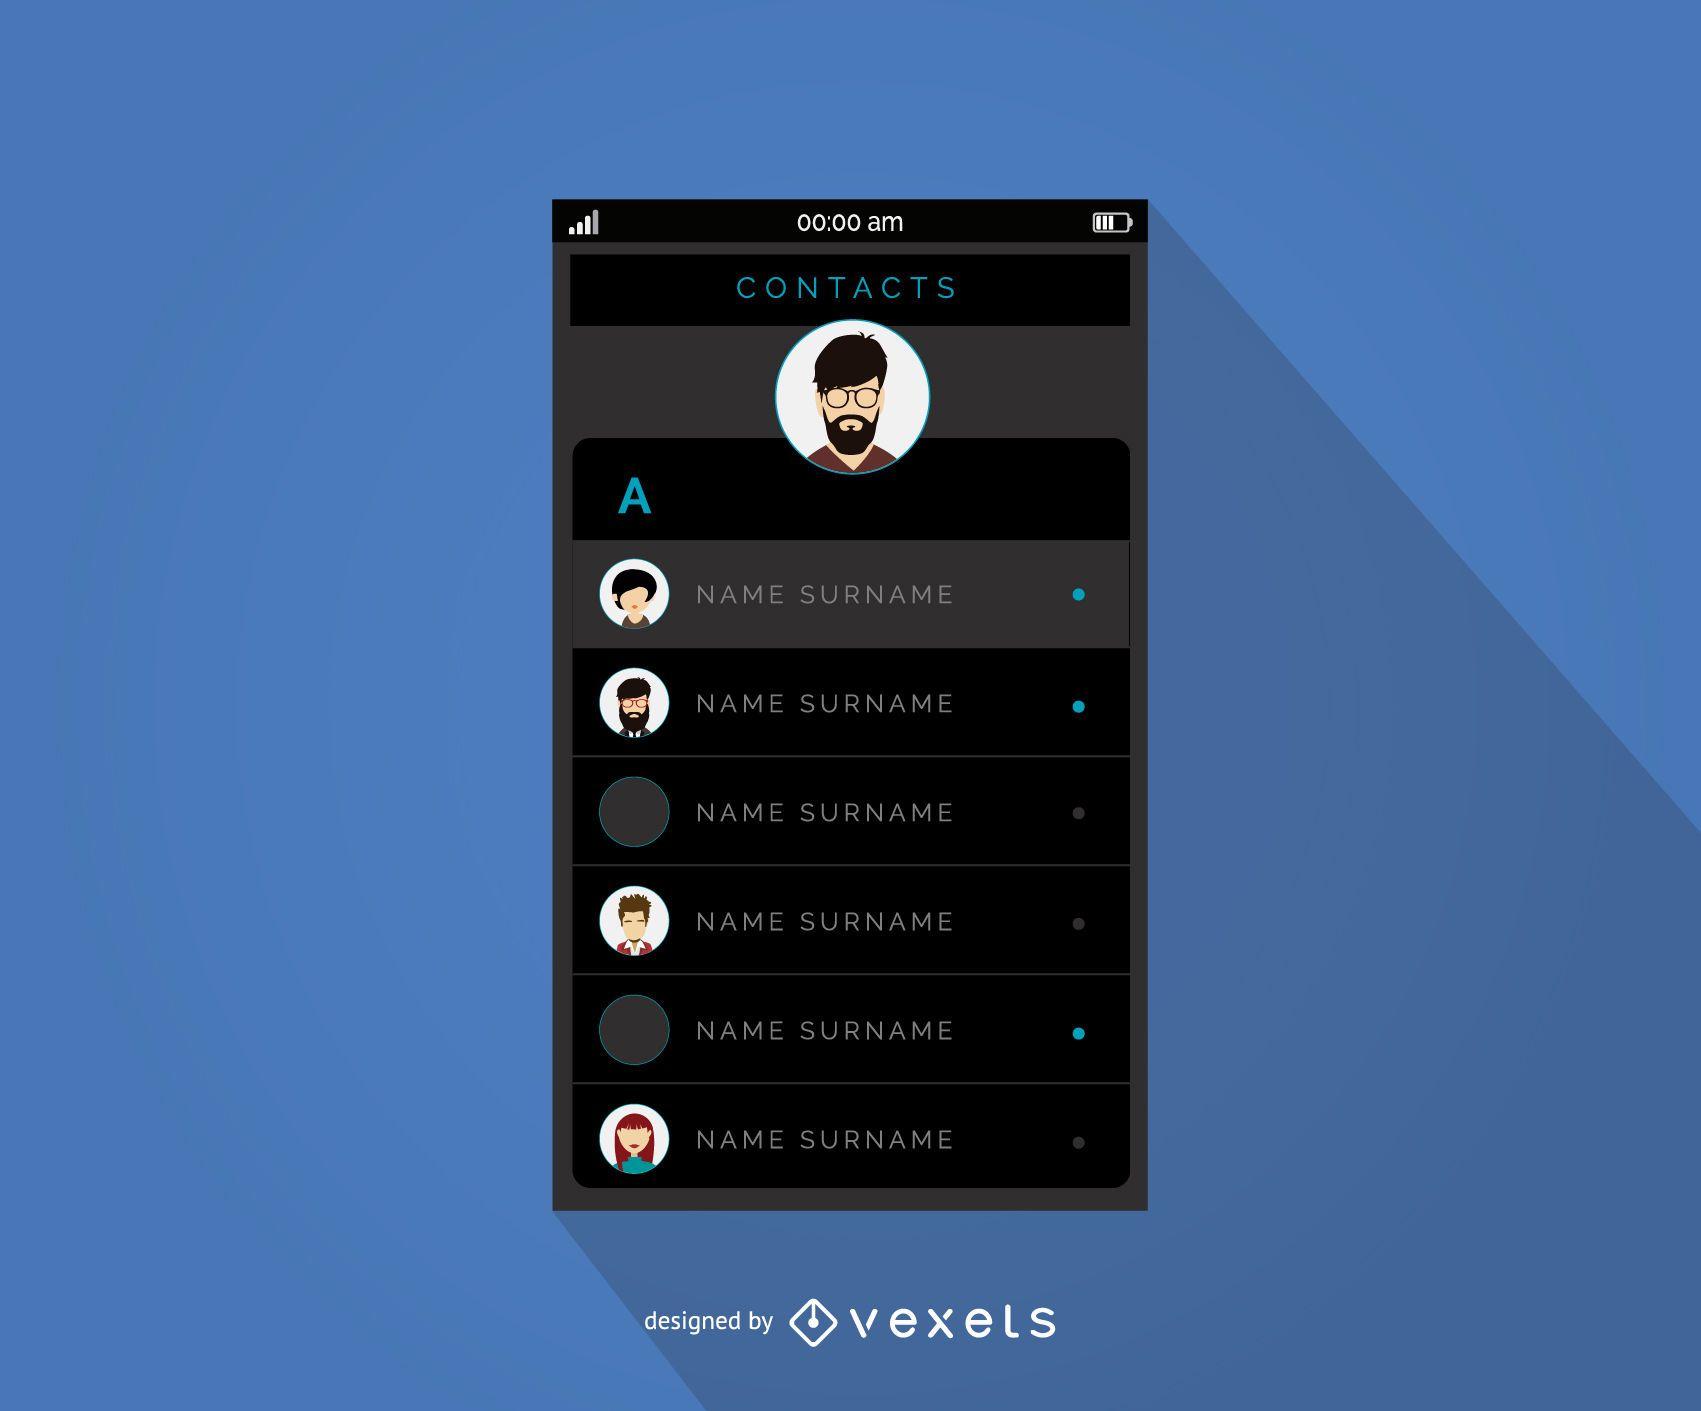 Diseño de interfaz de menú de contactos móviles